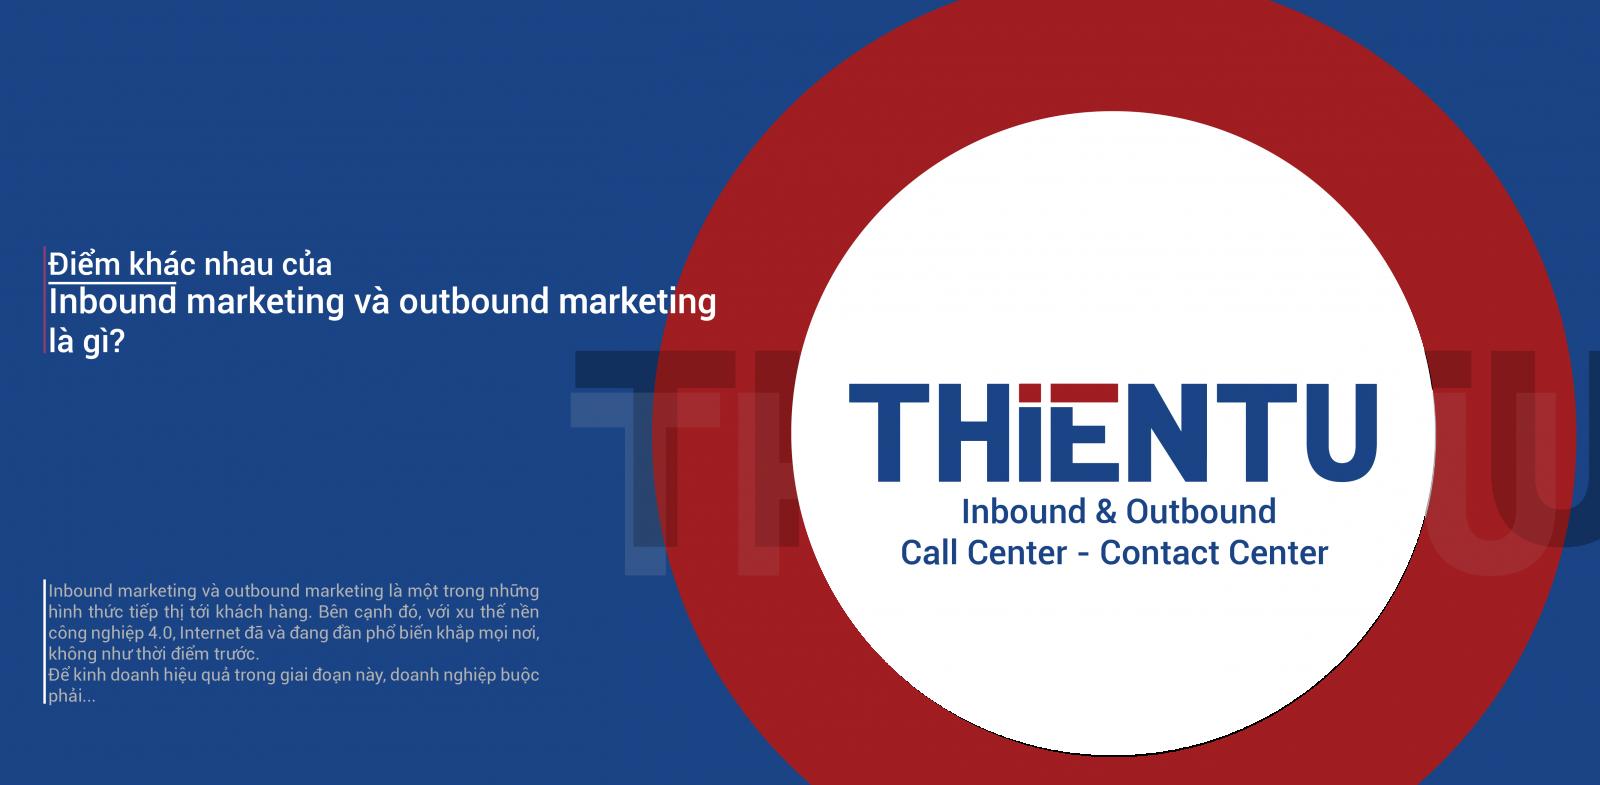 Điểm khác nhau của inbound maketing và outbound marketing là gì?